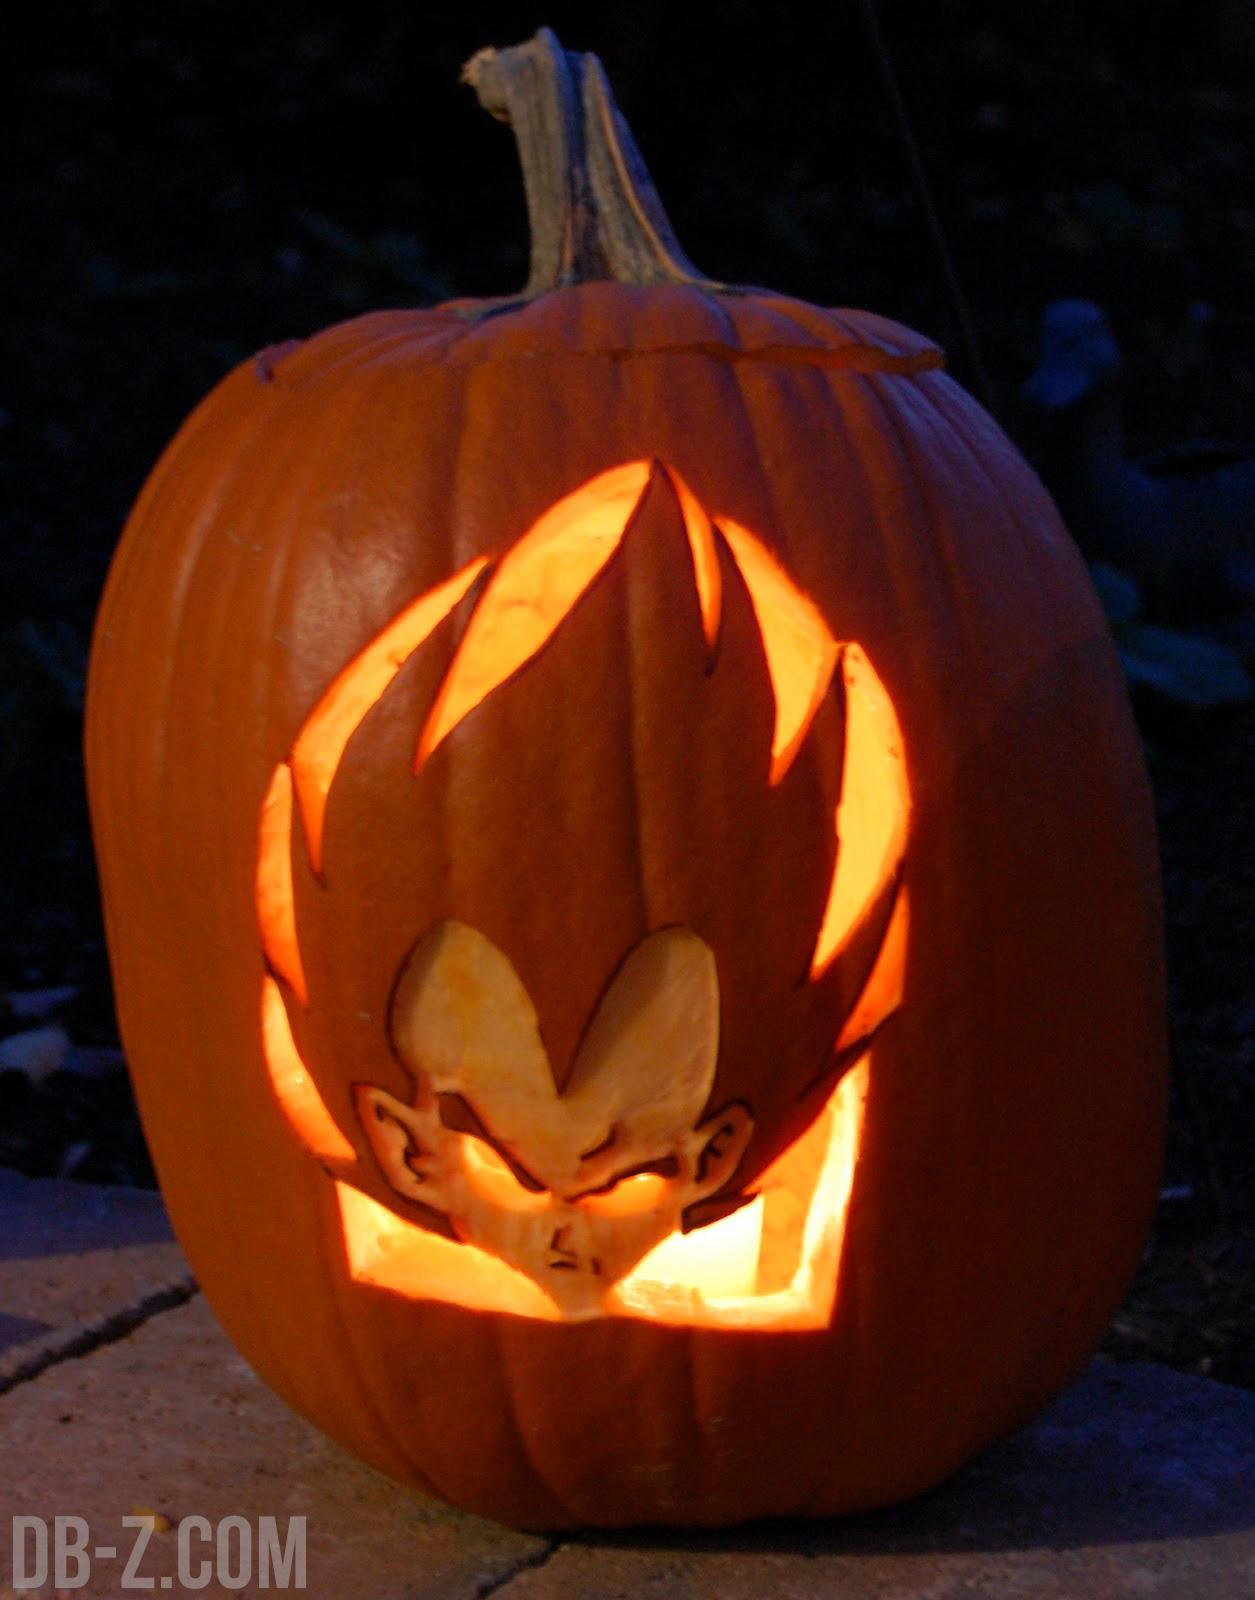 un petit florilge des meilleurs hommages fait dragon ball dbz pour halloween entre les citrouilles customises et autres costumes dhalloween